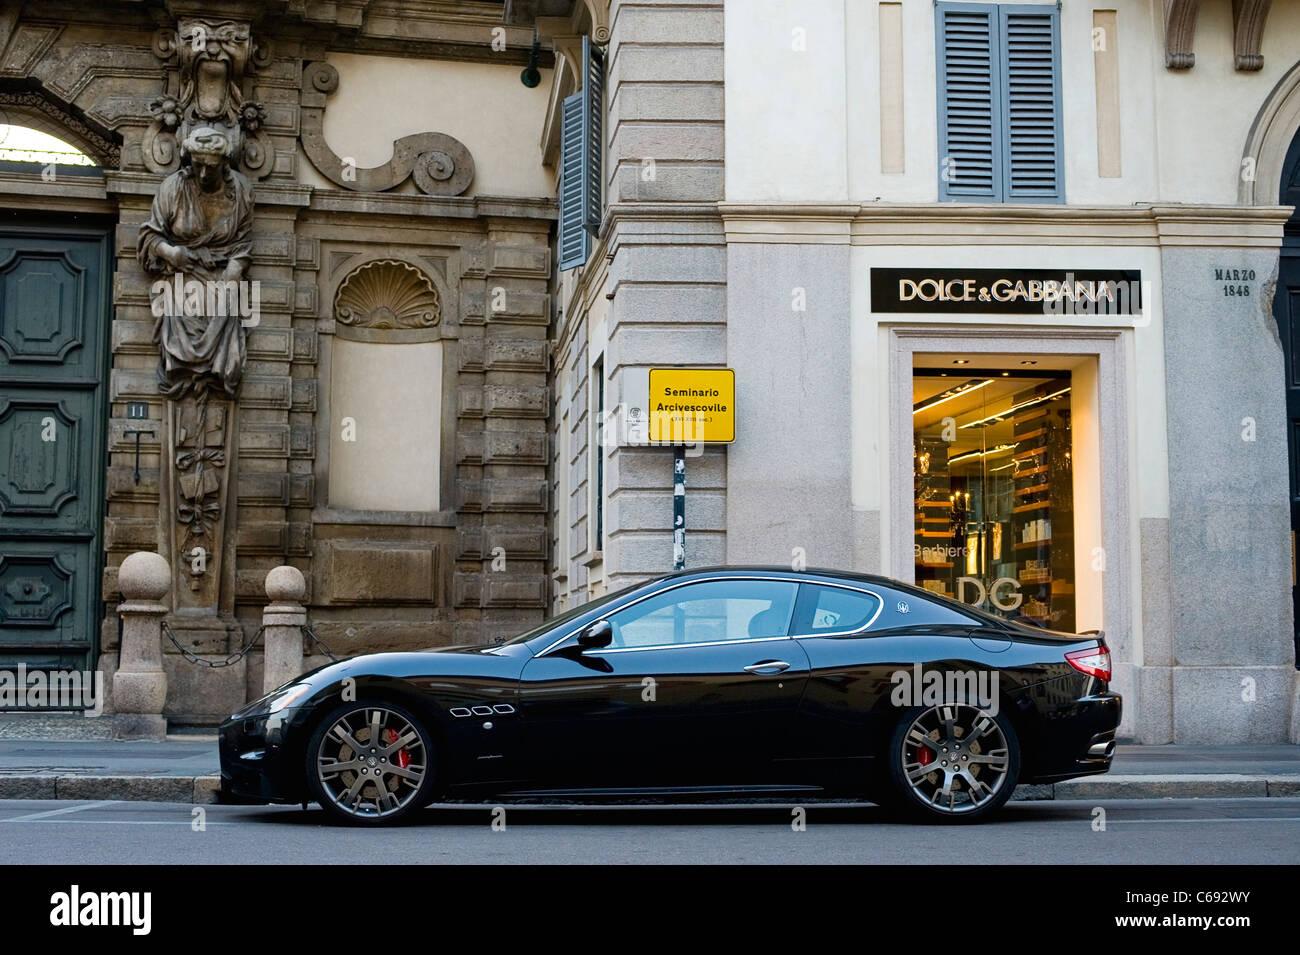 maserati gt parked in milan - Stock Image